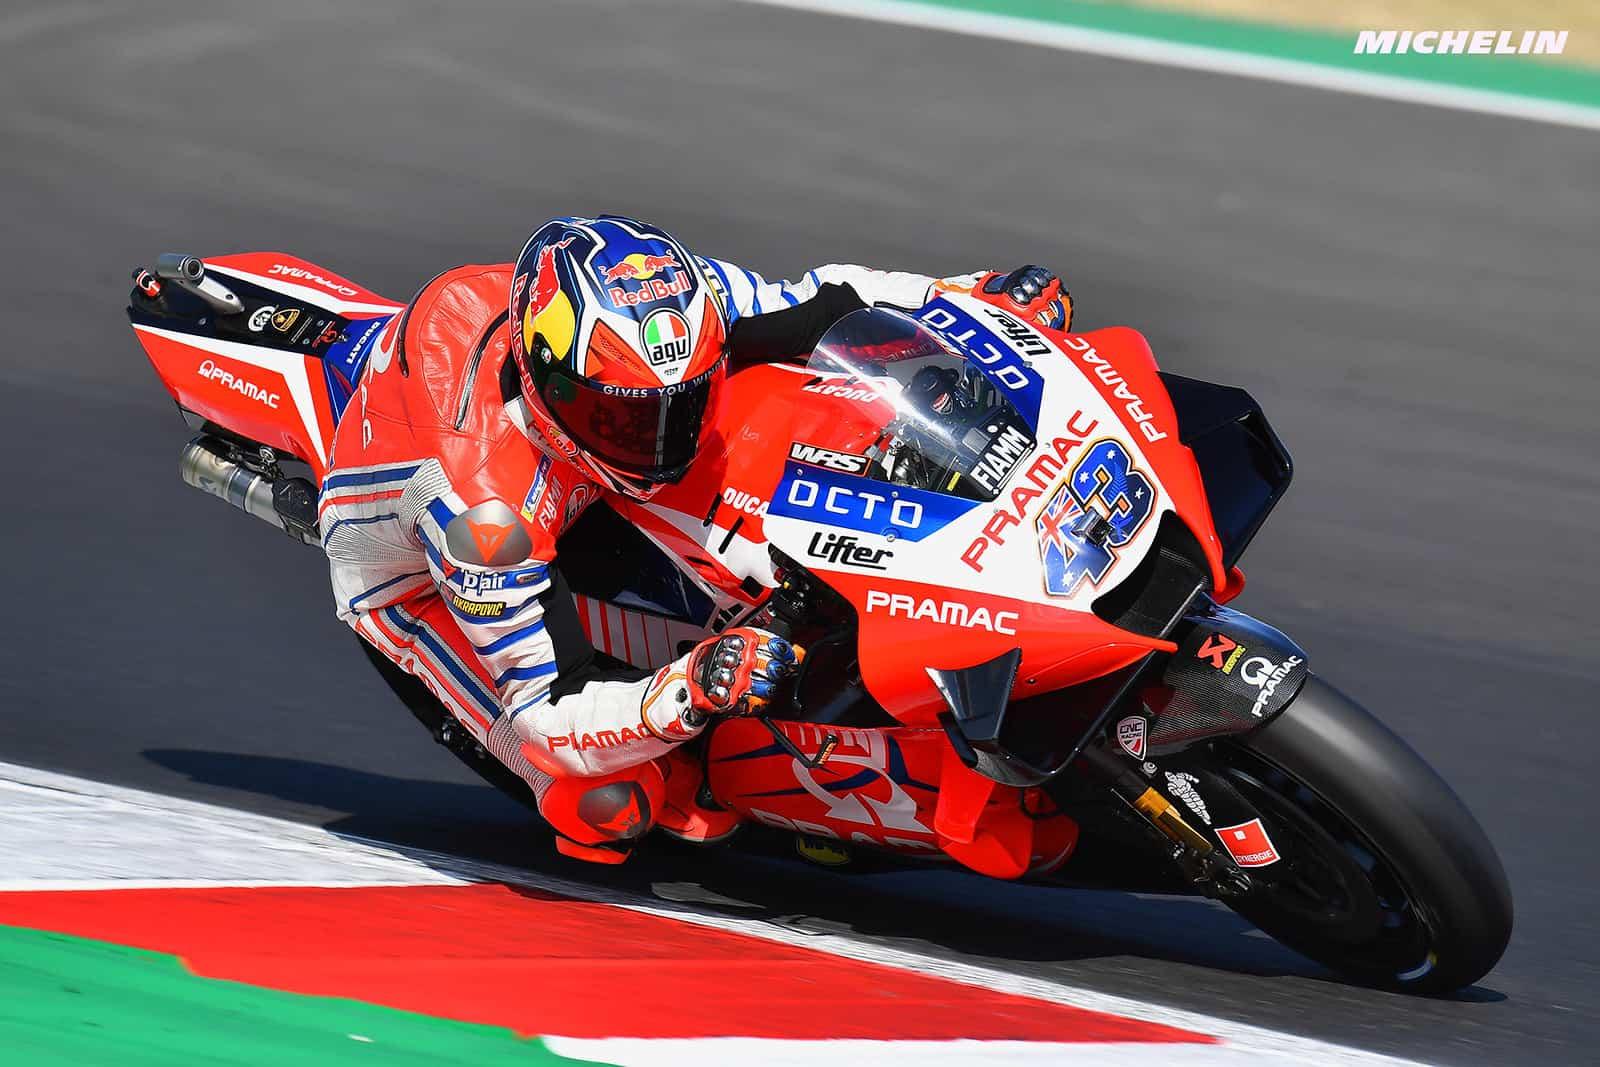 MotoGPフランスGP ジャック・ミラー「この時期のル・マンは正直気乗りしない」